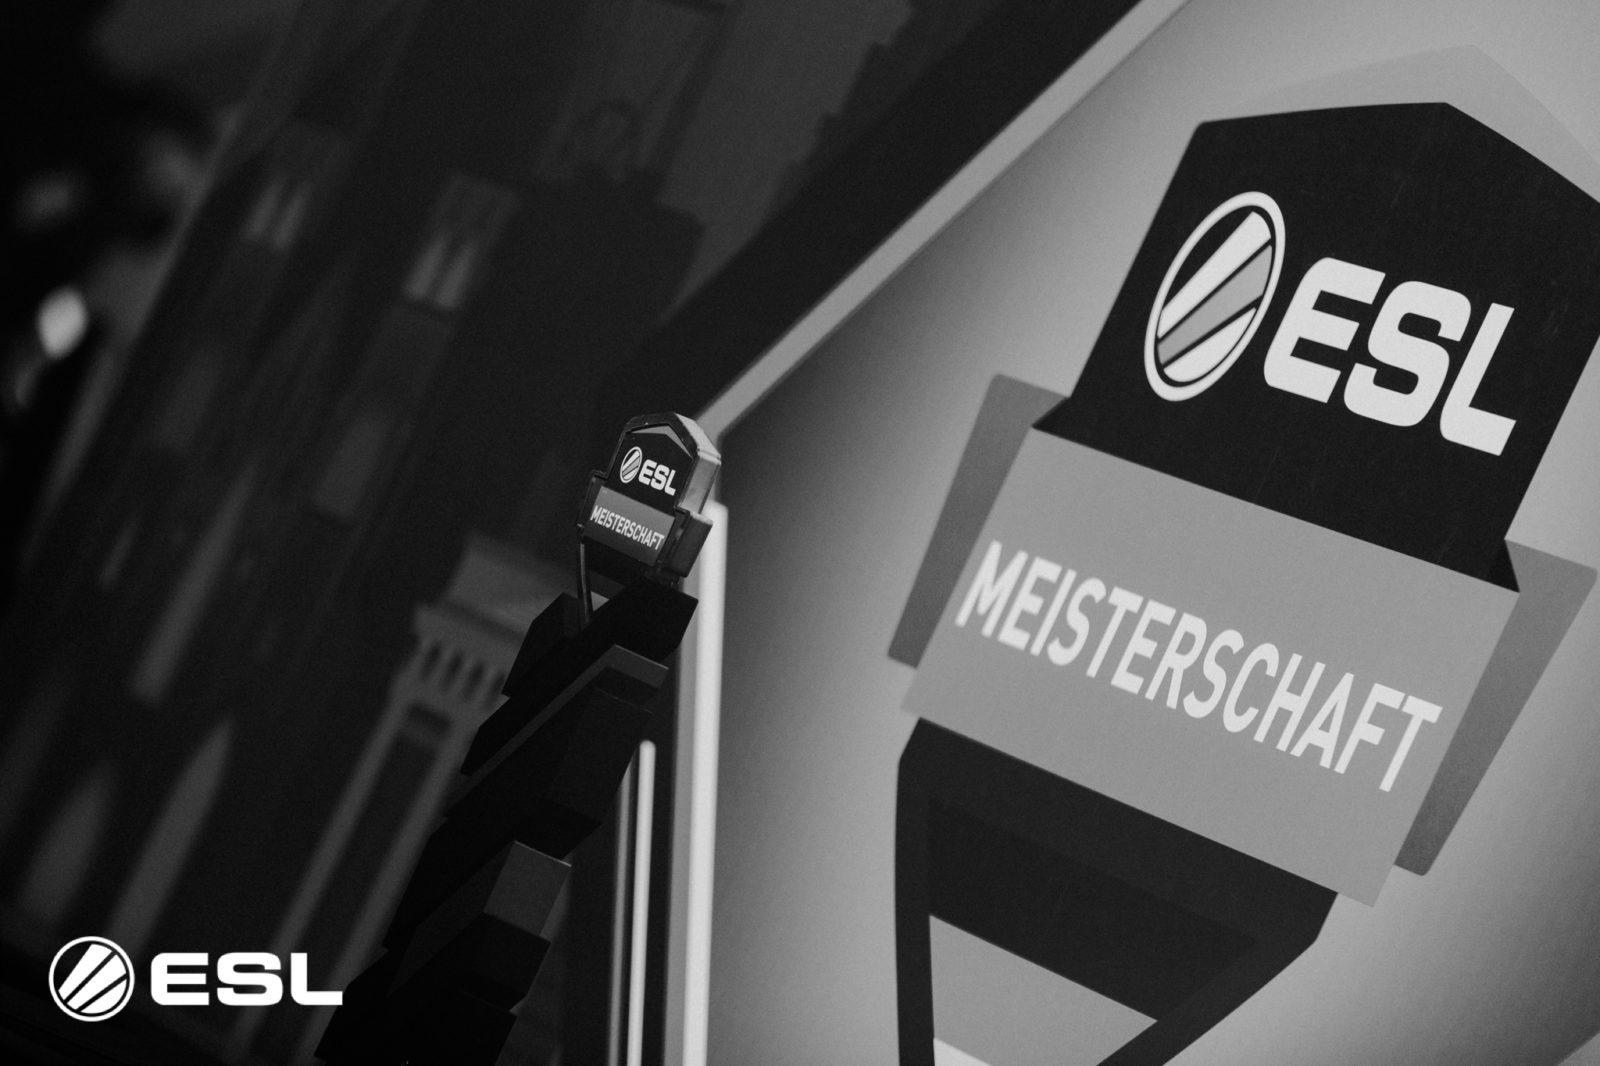 Die Relegation: Wer schafft den Sprung in die ESL Frühlingsmeisterschaft 2019?